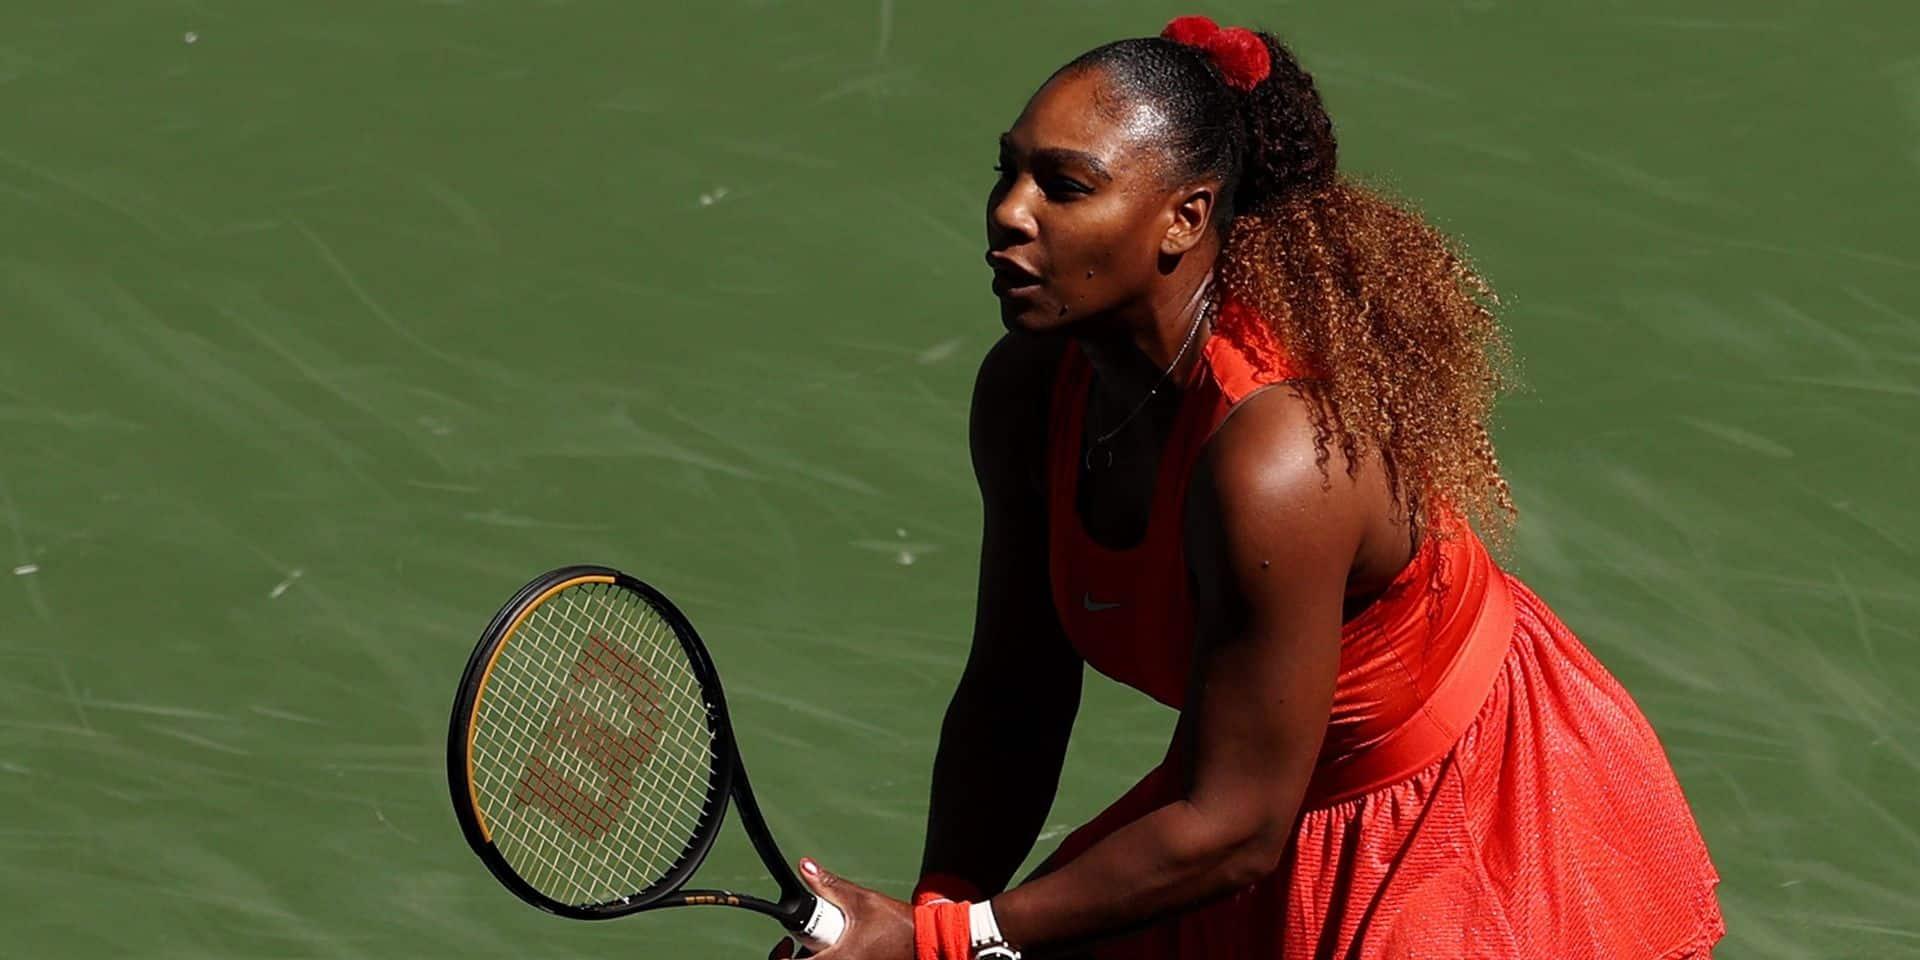 La nuit à l'US Open en un clin d'oeil: Serena poursuit sa mission